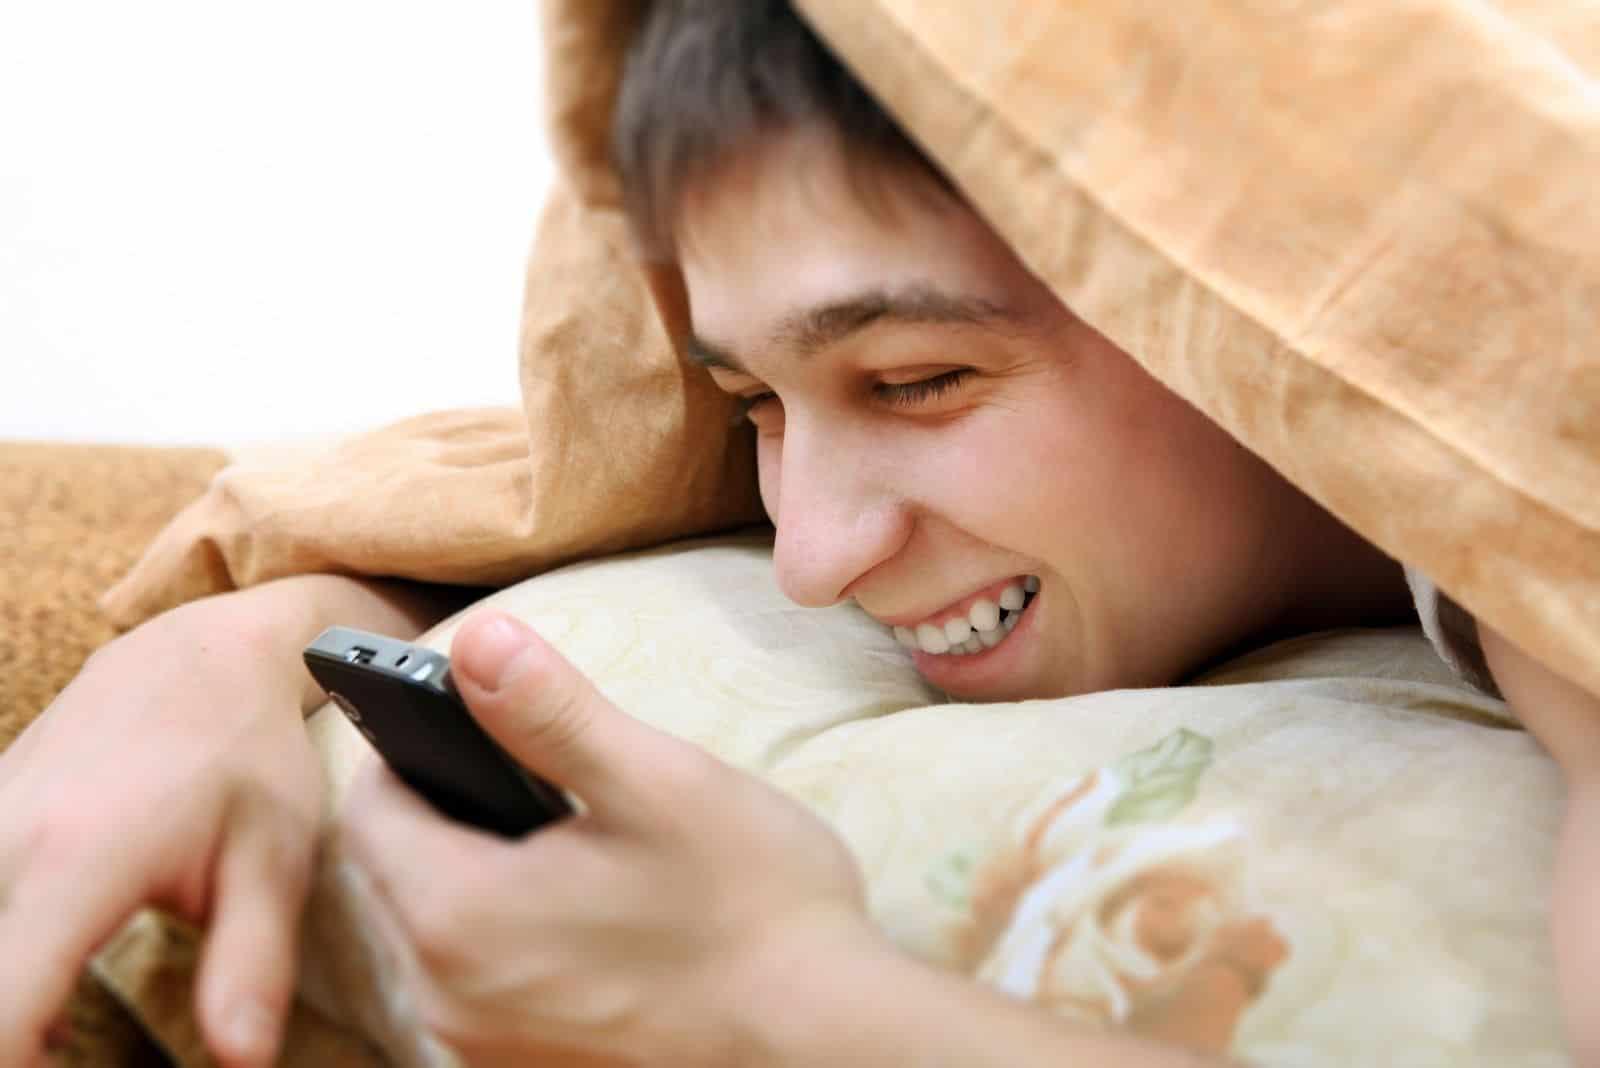 fröhlicher Teenager mit Handy bedeckt mit Decke auf dem Bett liegend